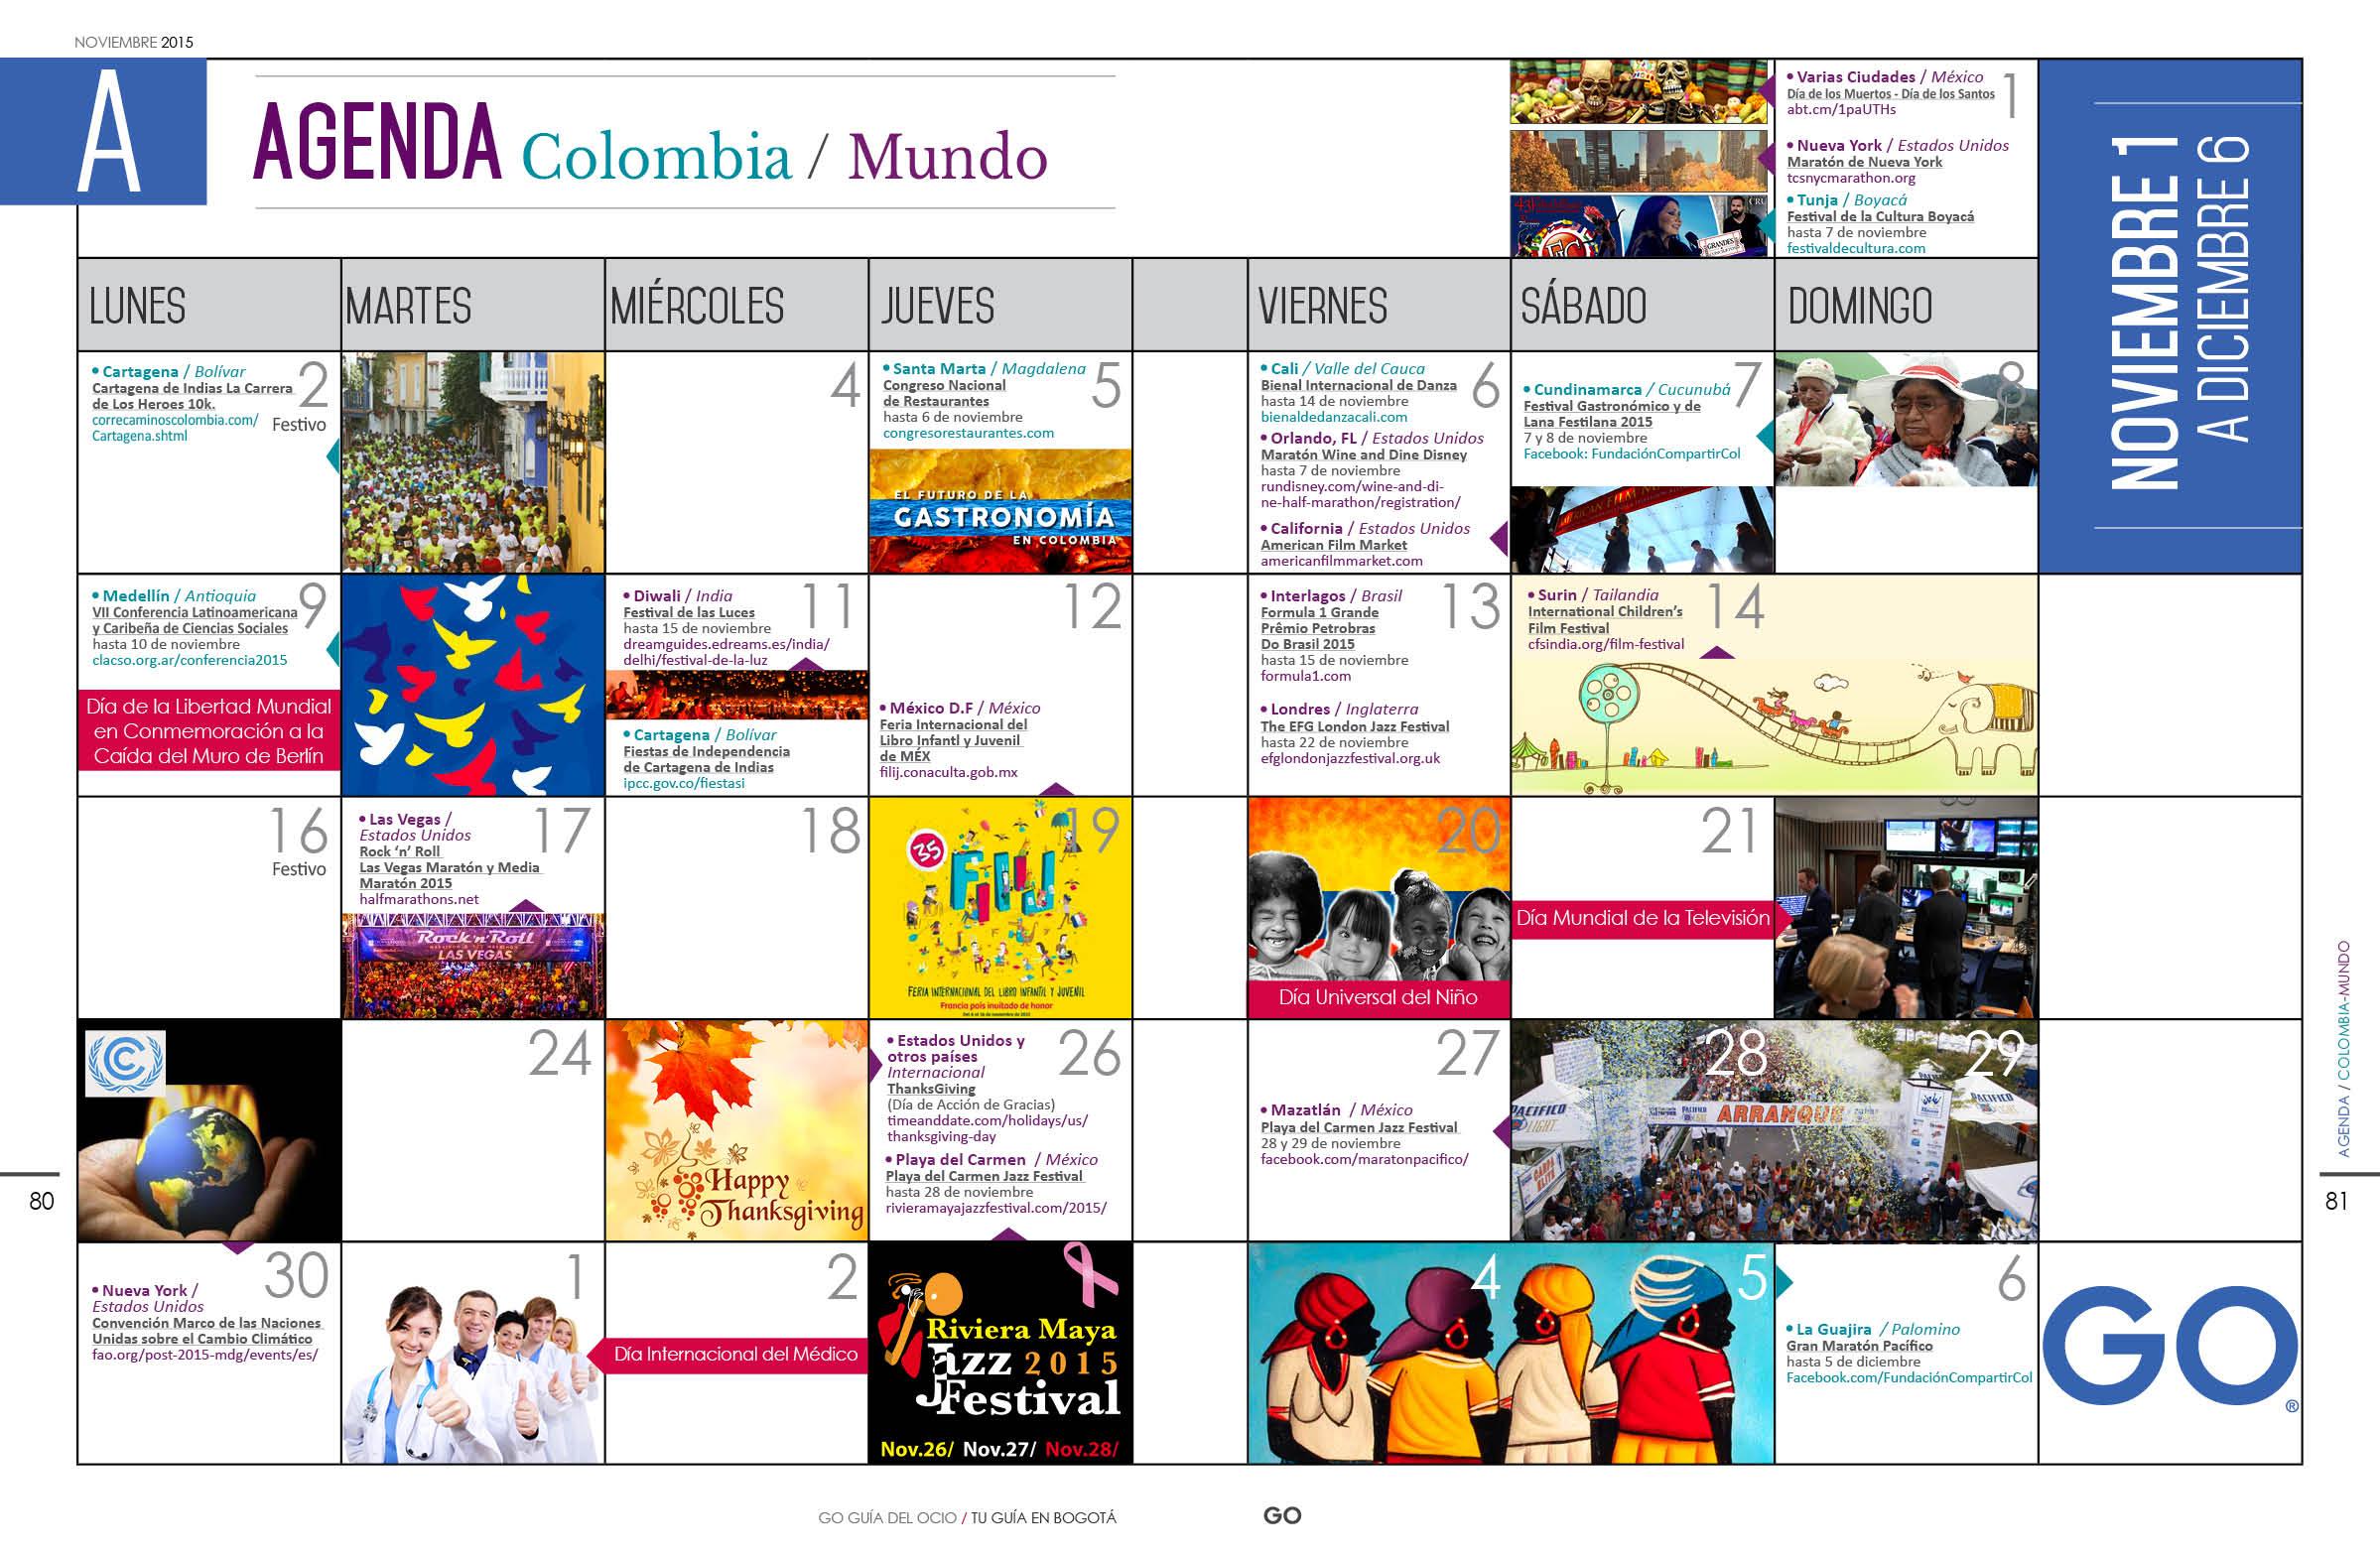 Agenda Colombia Mundo Noviembre 2015